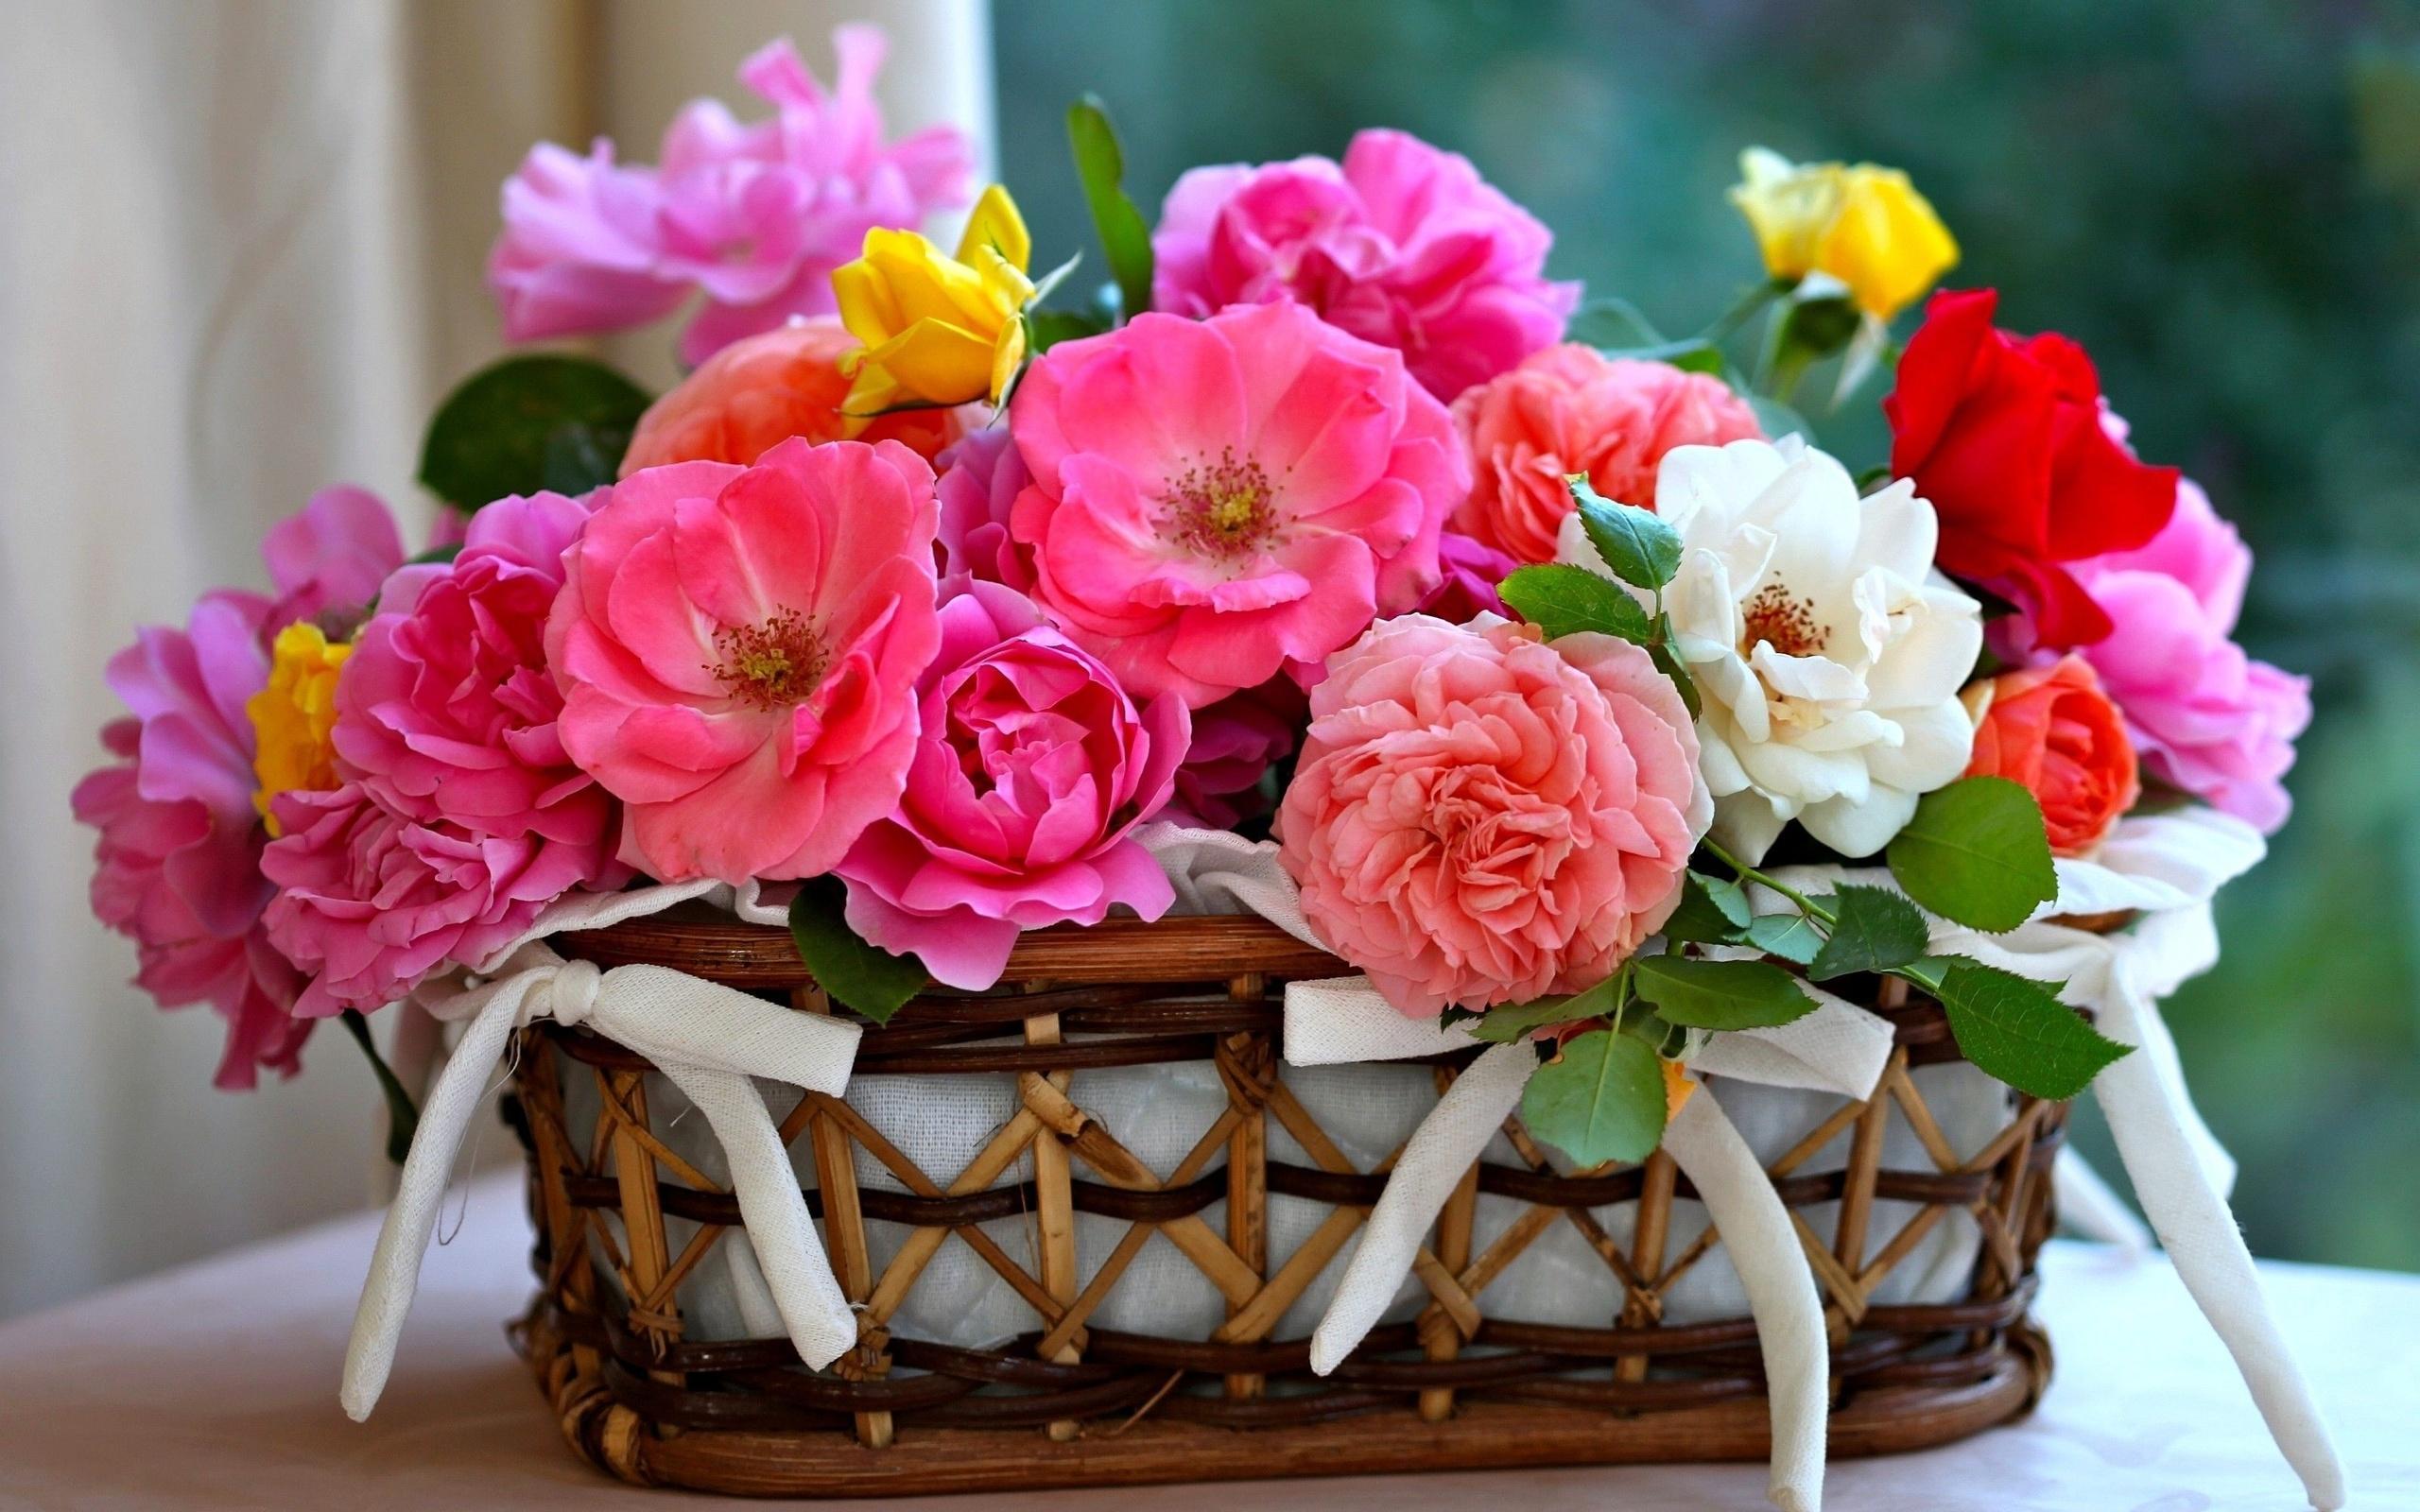 Открытки с днем рождения очень красивые и очень яркие, картинки любви нежности